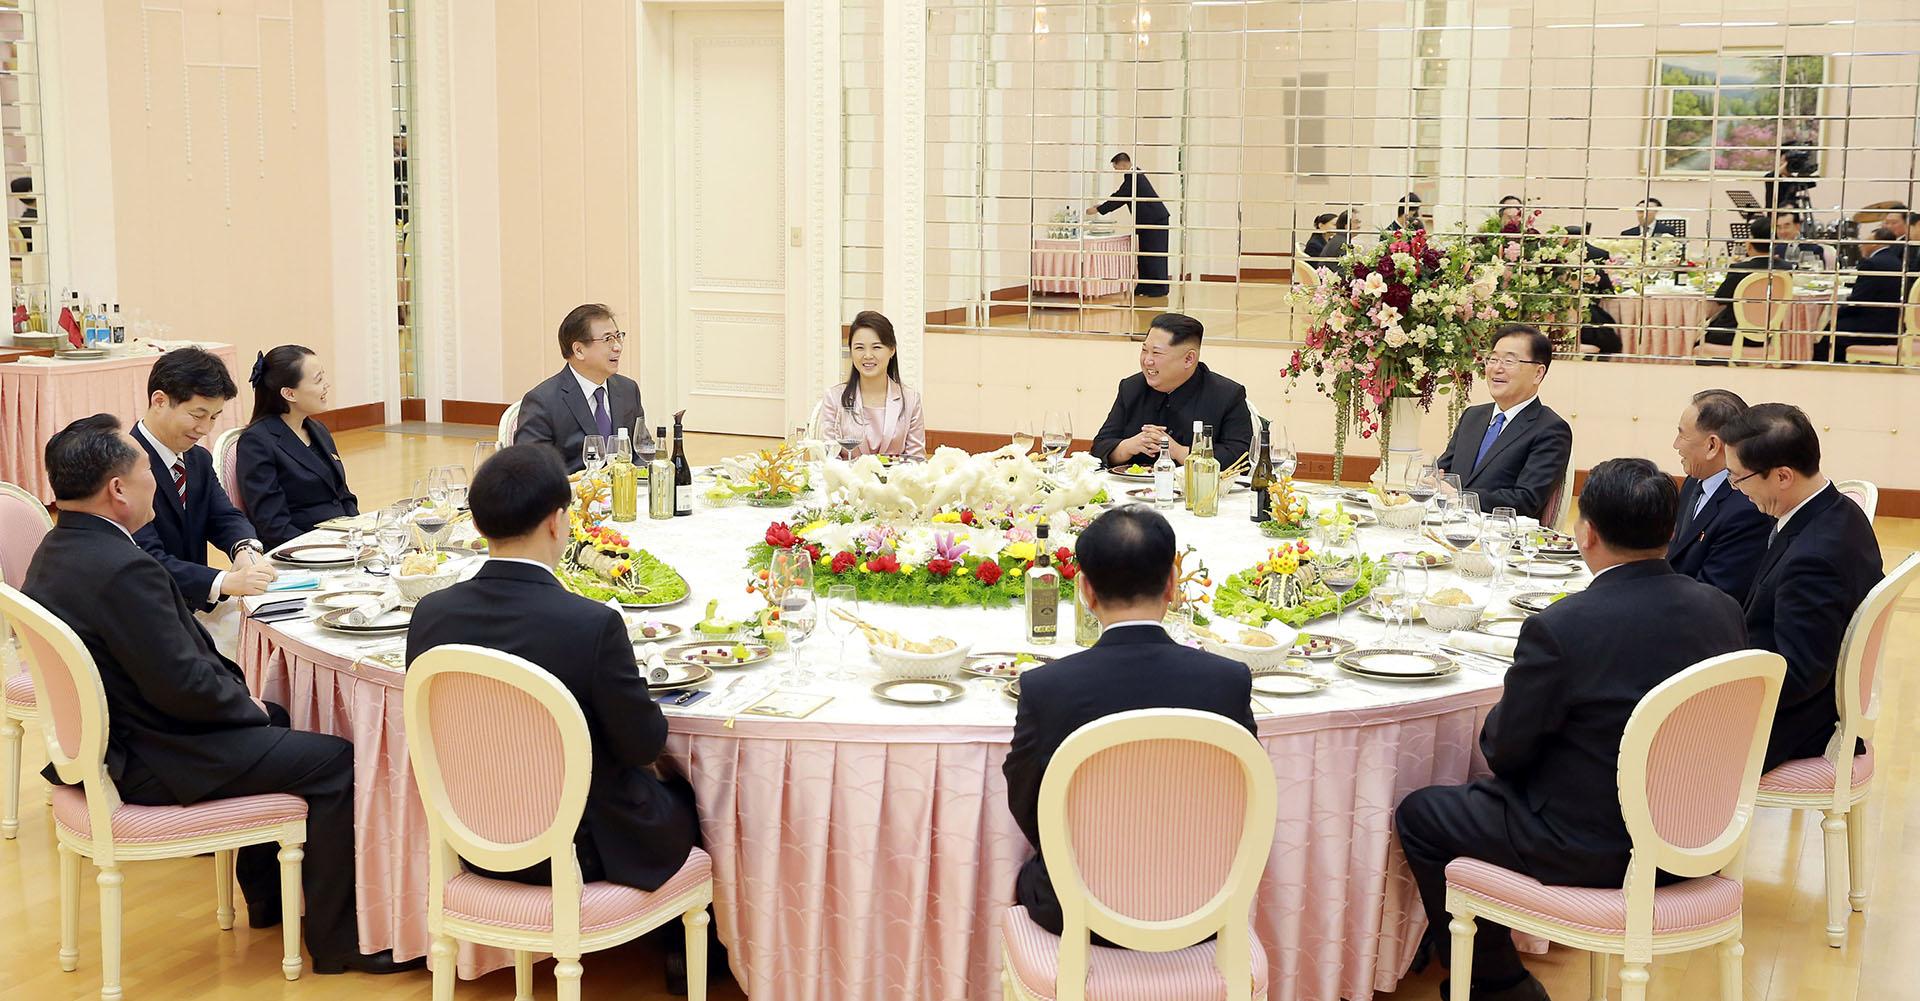 En la cena, a la que asistieron Chung y el resto de delegados, el líder norcoreano estuvo acompañado por su esposa, Ri Sol-ju, y su hermana, Kim Yo-jong